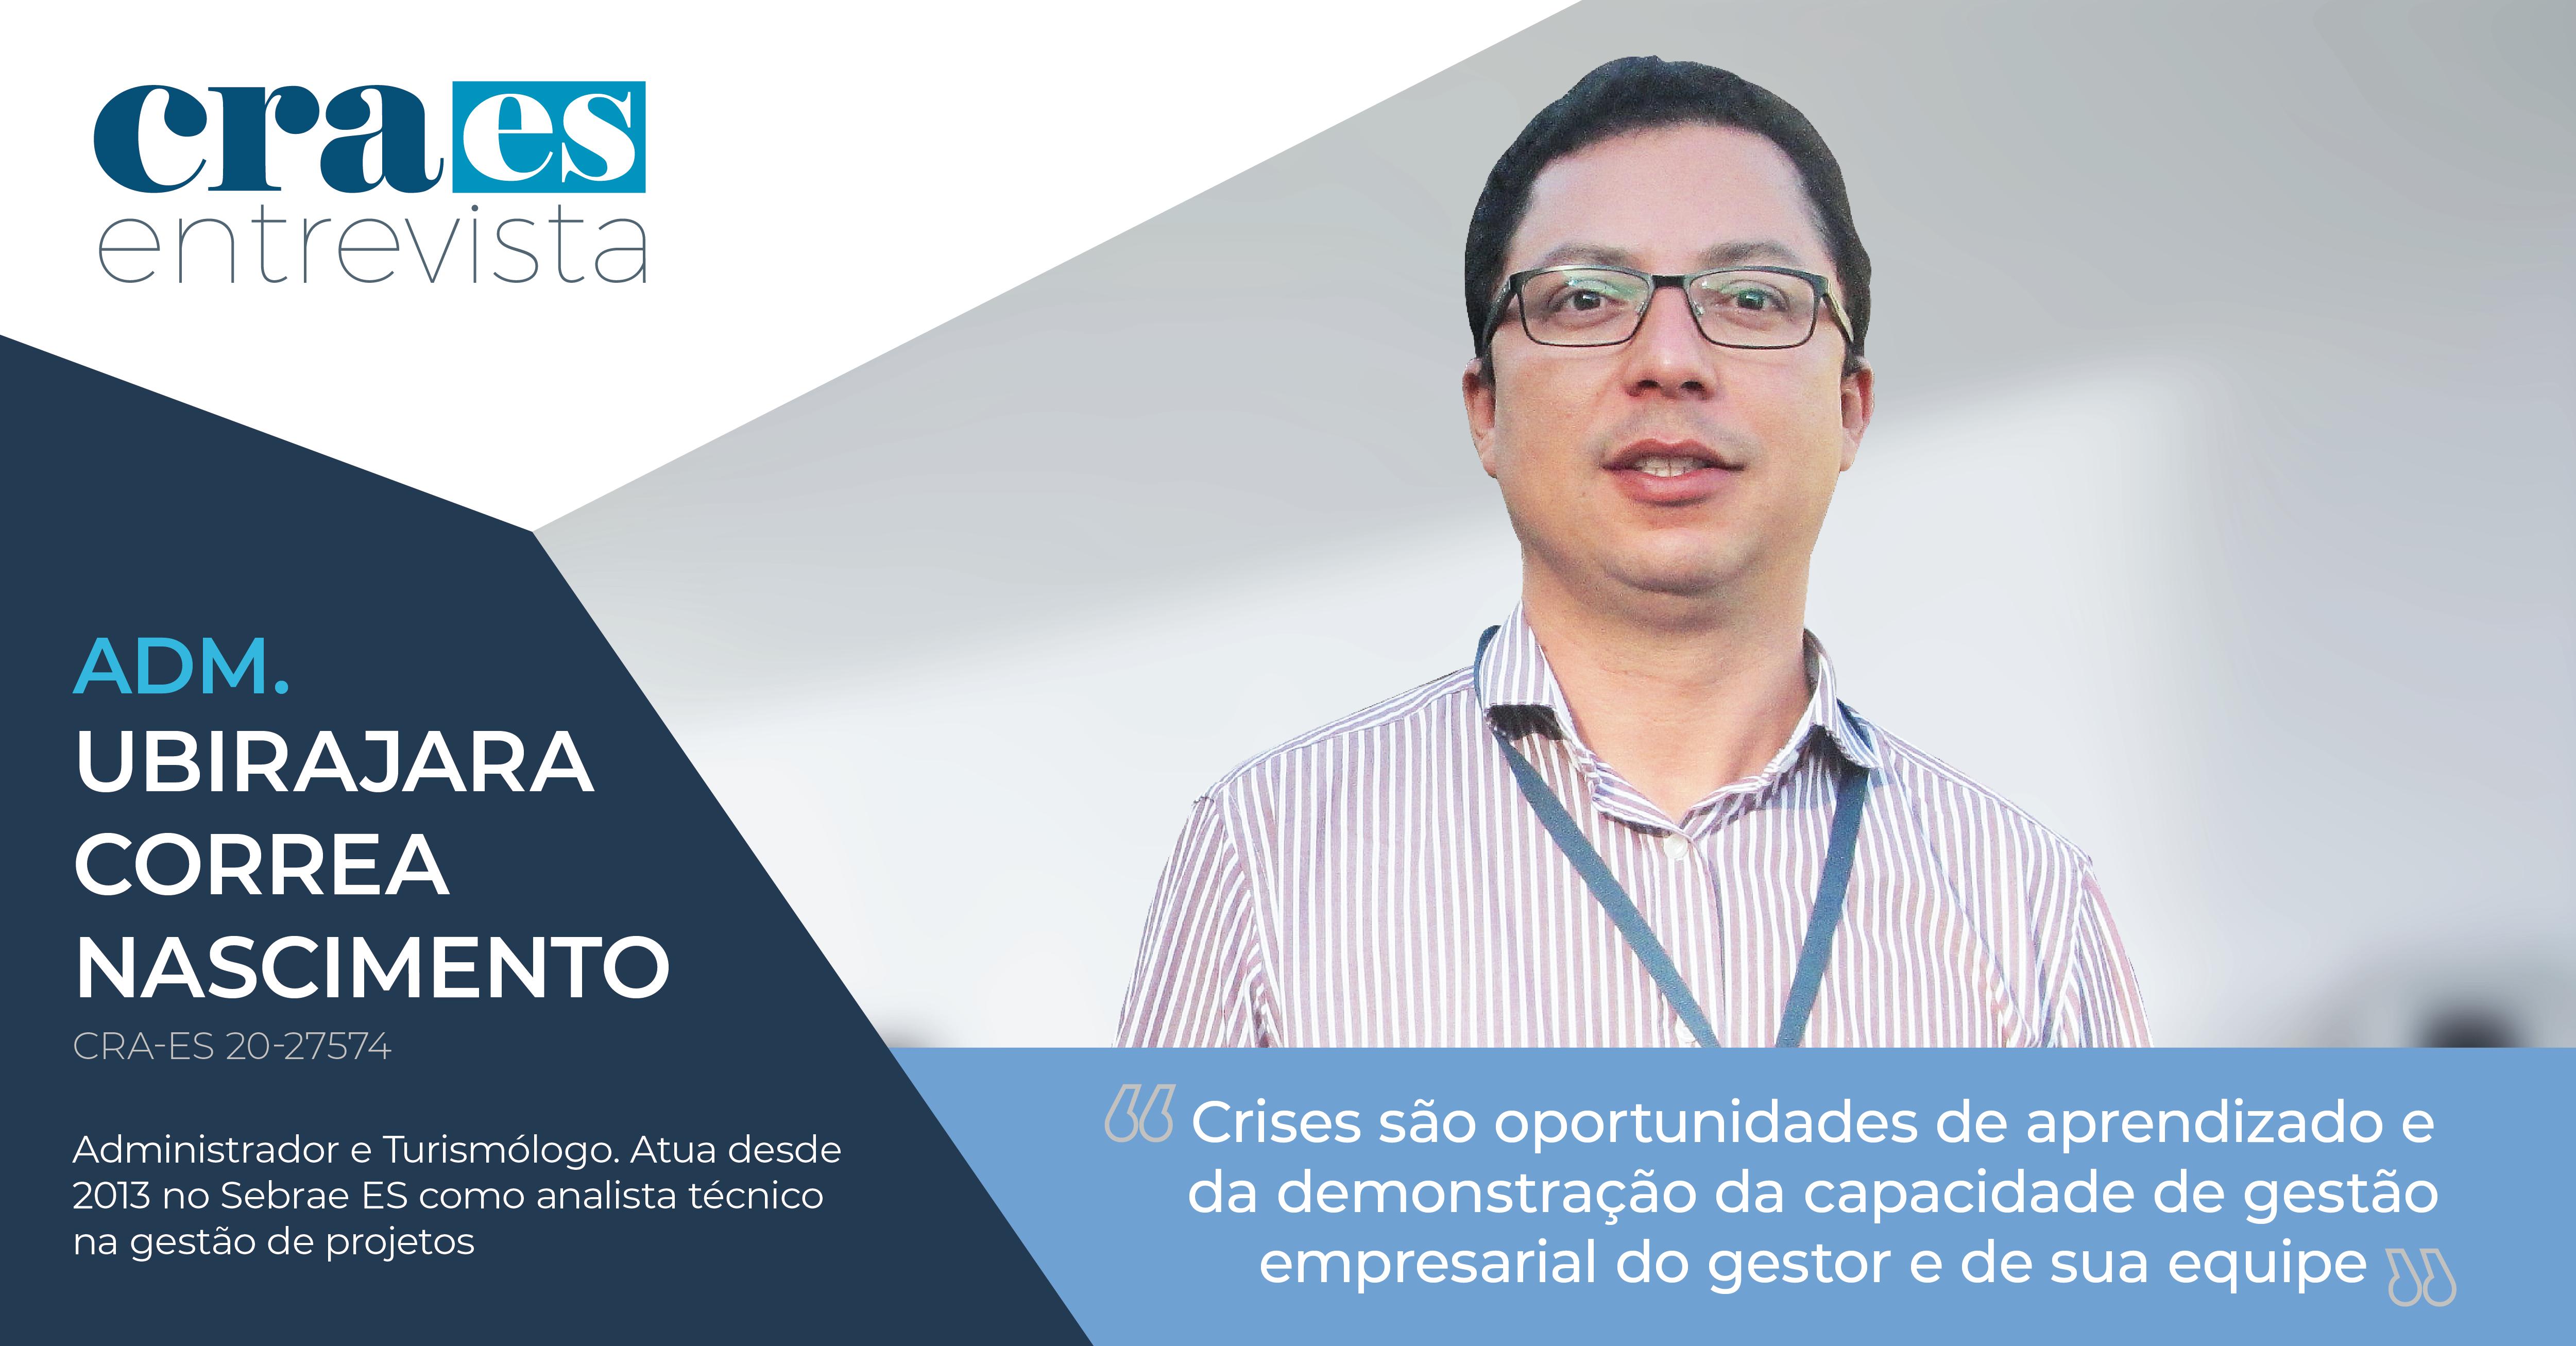 You are currently viewing CRA-ES ENTREVISTA |  Adm. Ubirajara Correa Nascimento, CRA-ES Nº 20-27574